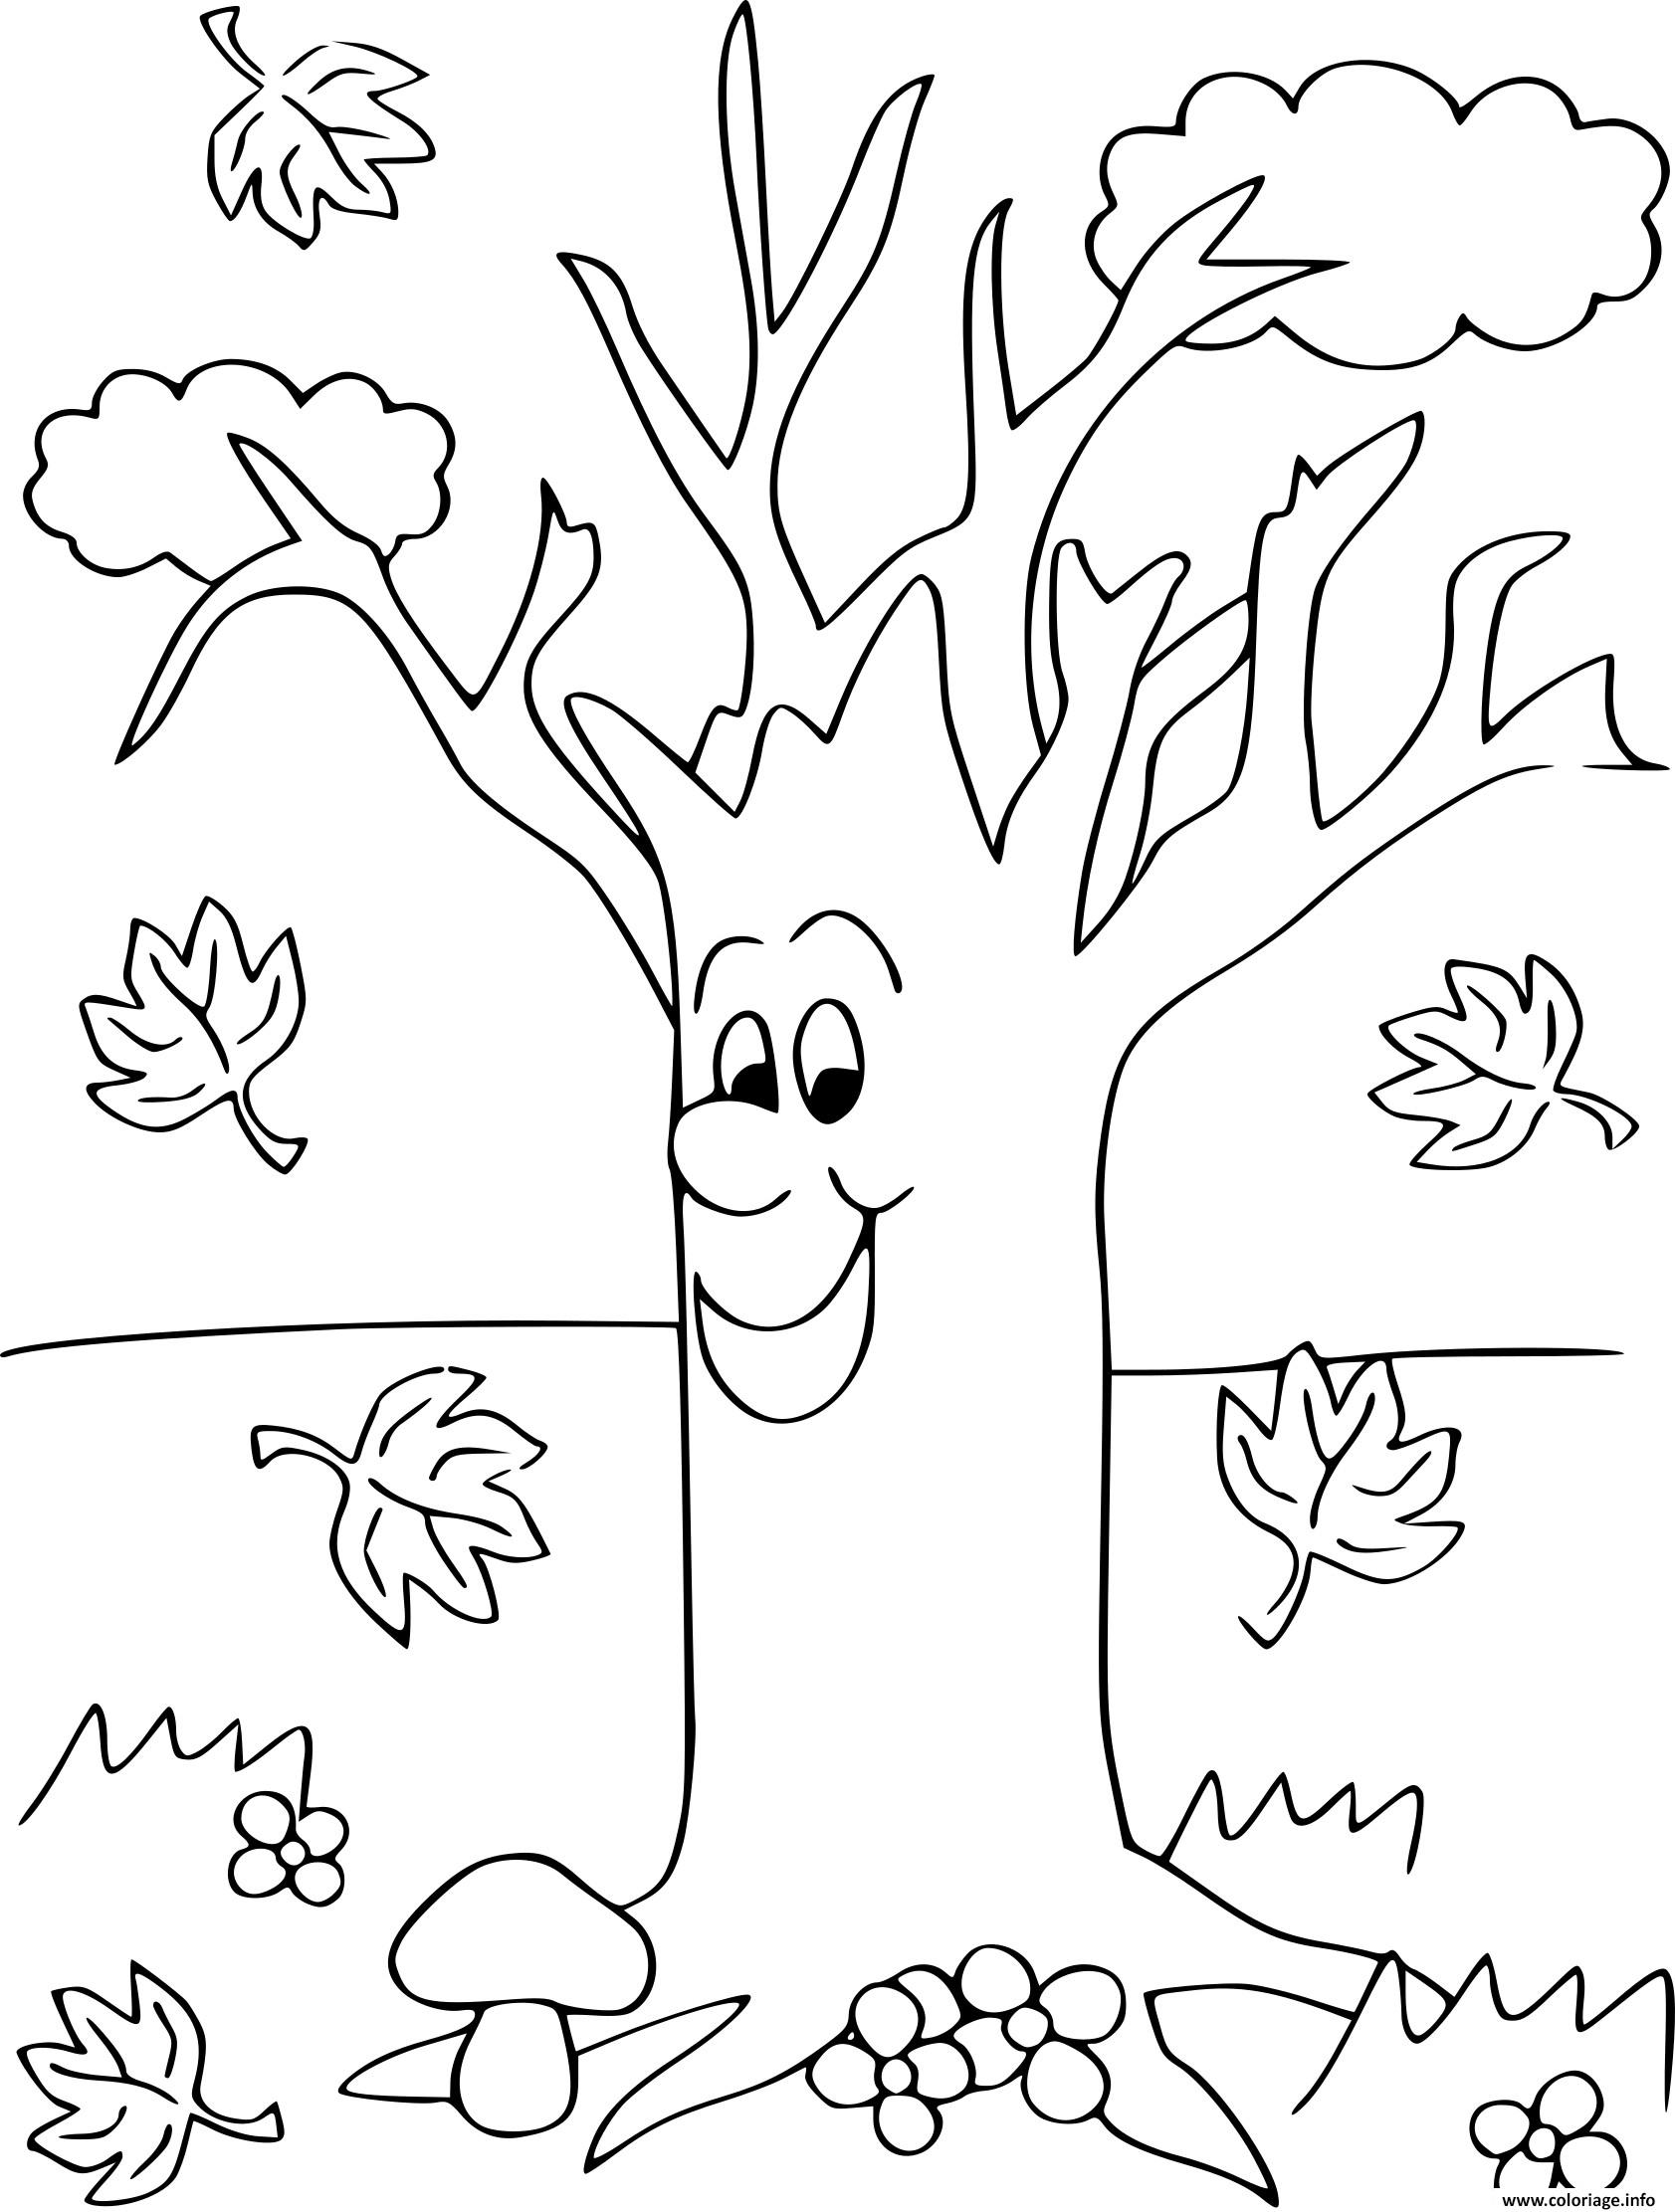 Coloriage arbre automne maternelle - JeColorie.com